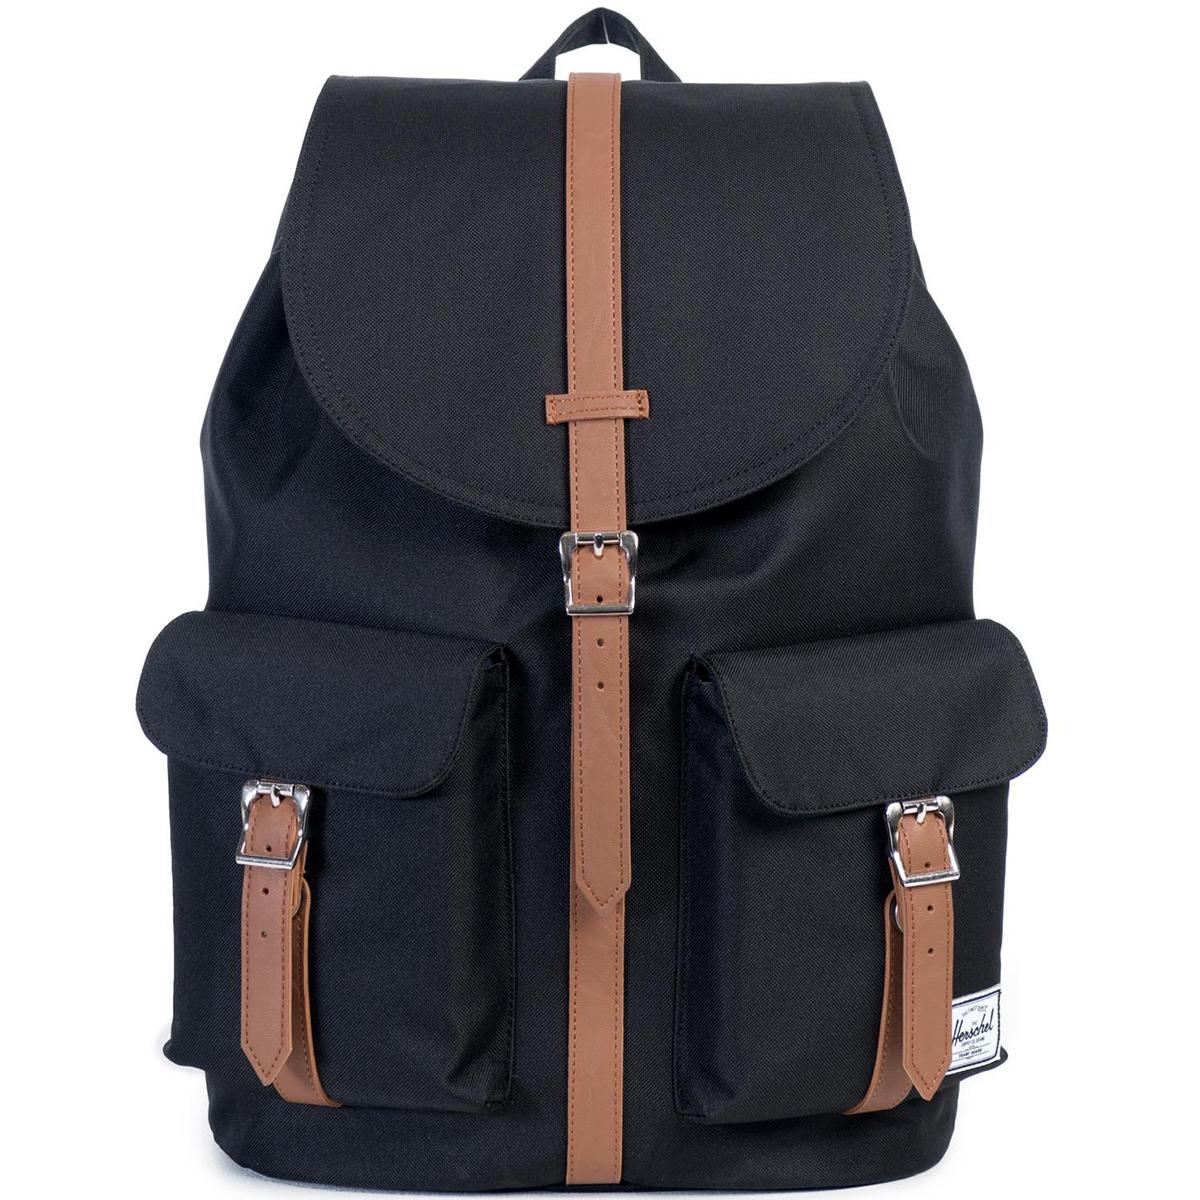 Рюкзак городской Herschel Dawson (A/S), цвет: черный, светло-коричневый. 82843208266795940-905Рюкзак Herschel Dawson ™ функциональный и вместительный, создан для разведки. Удобные внешние карманы.